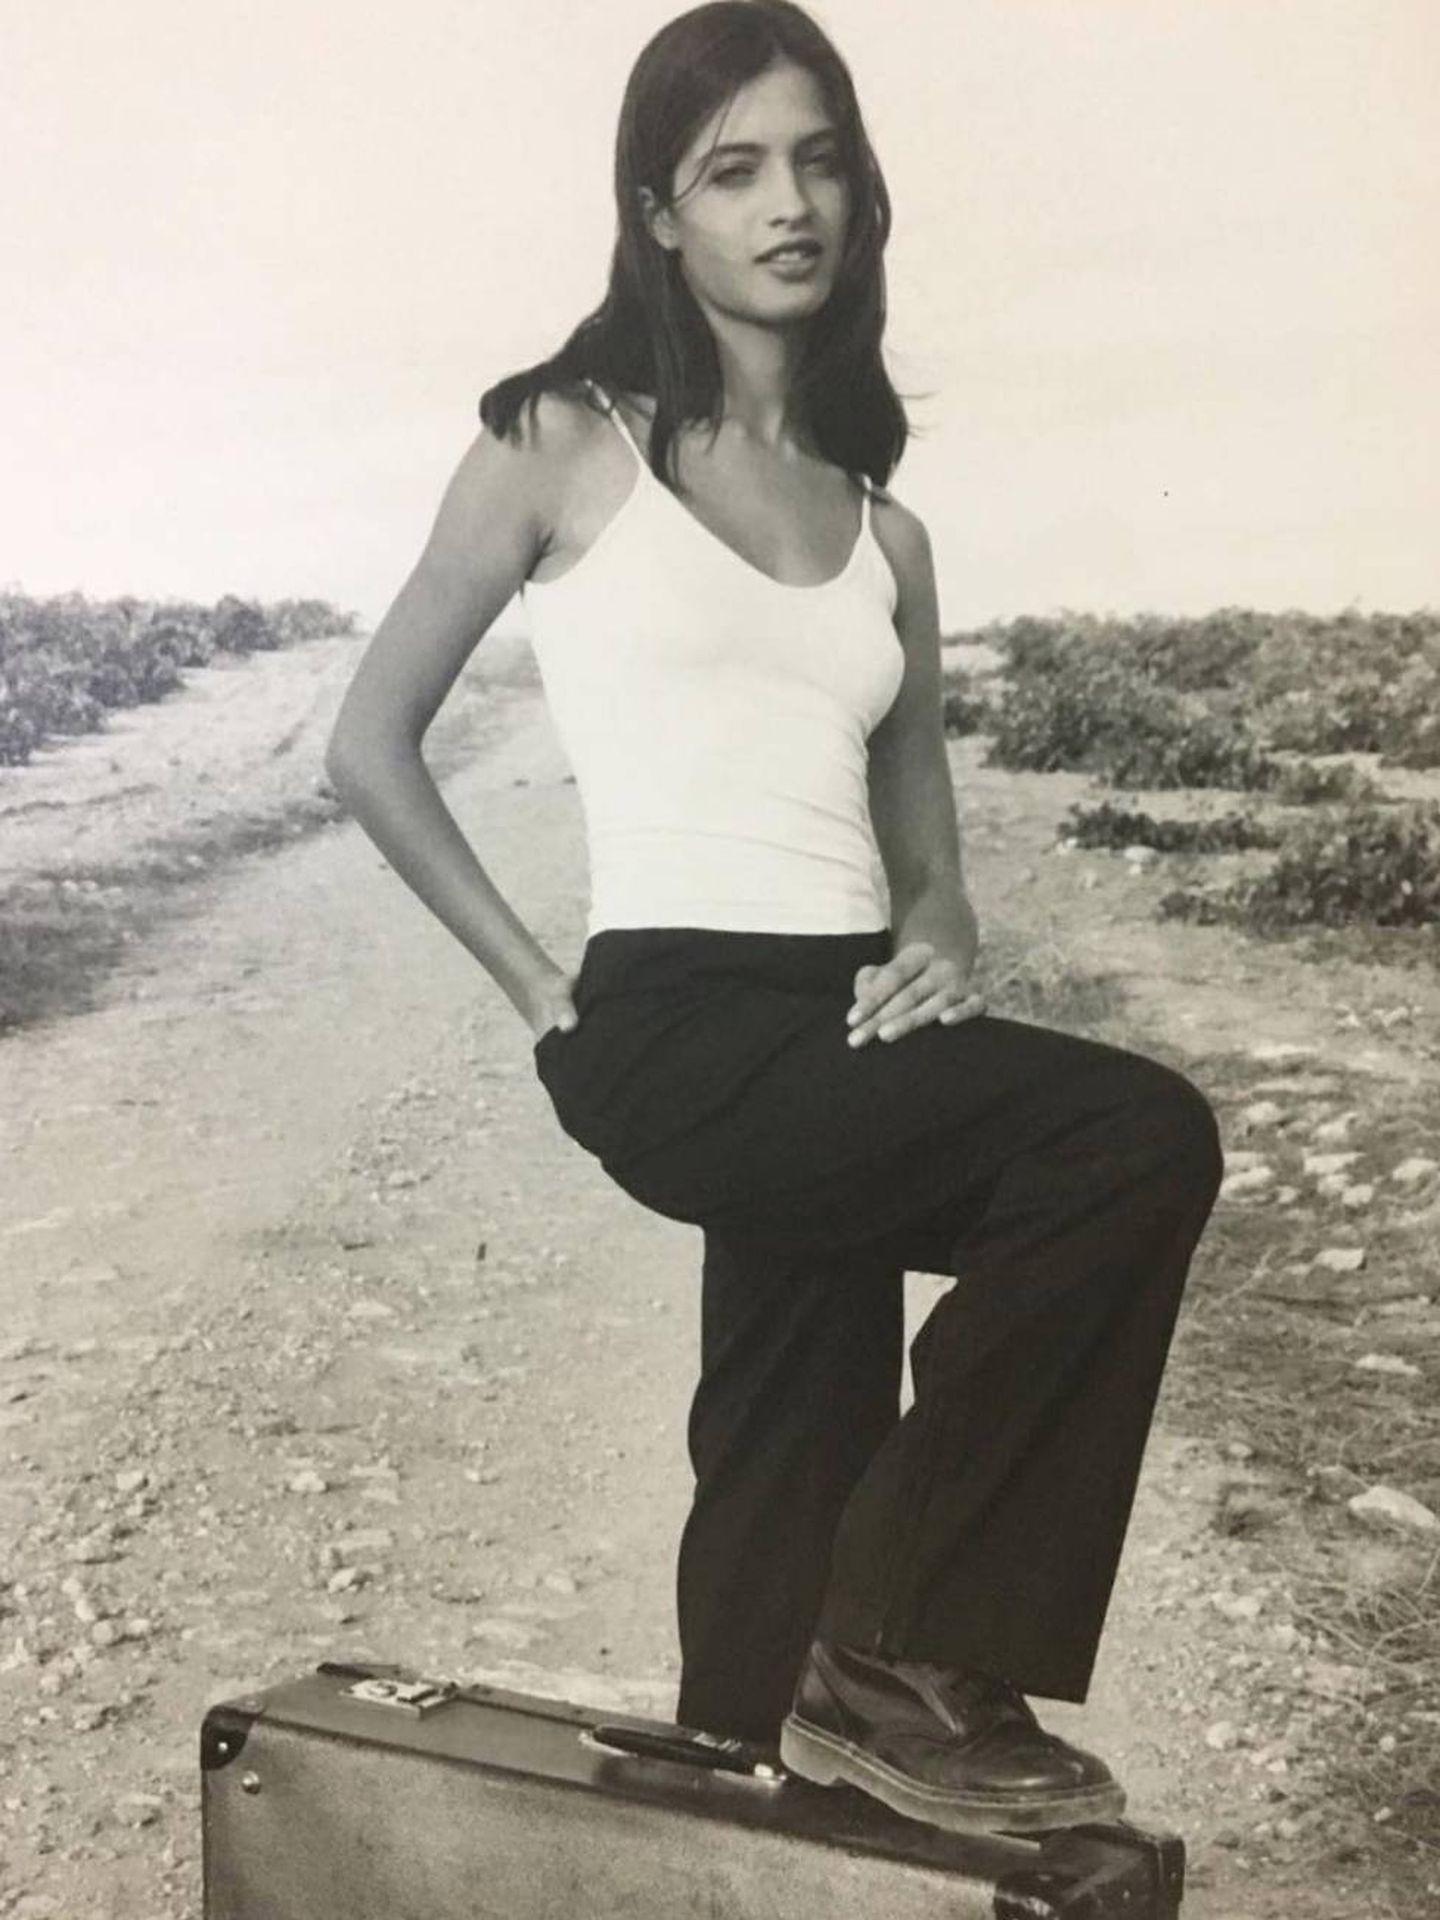 Sara en una imagen de 1998, cuando tenía 14 años. (Instagram)